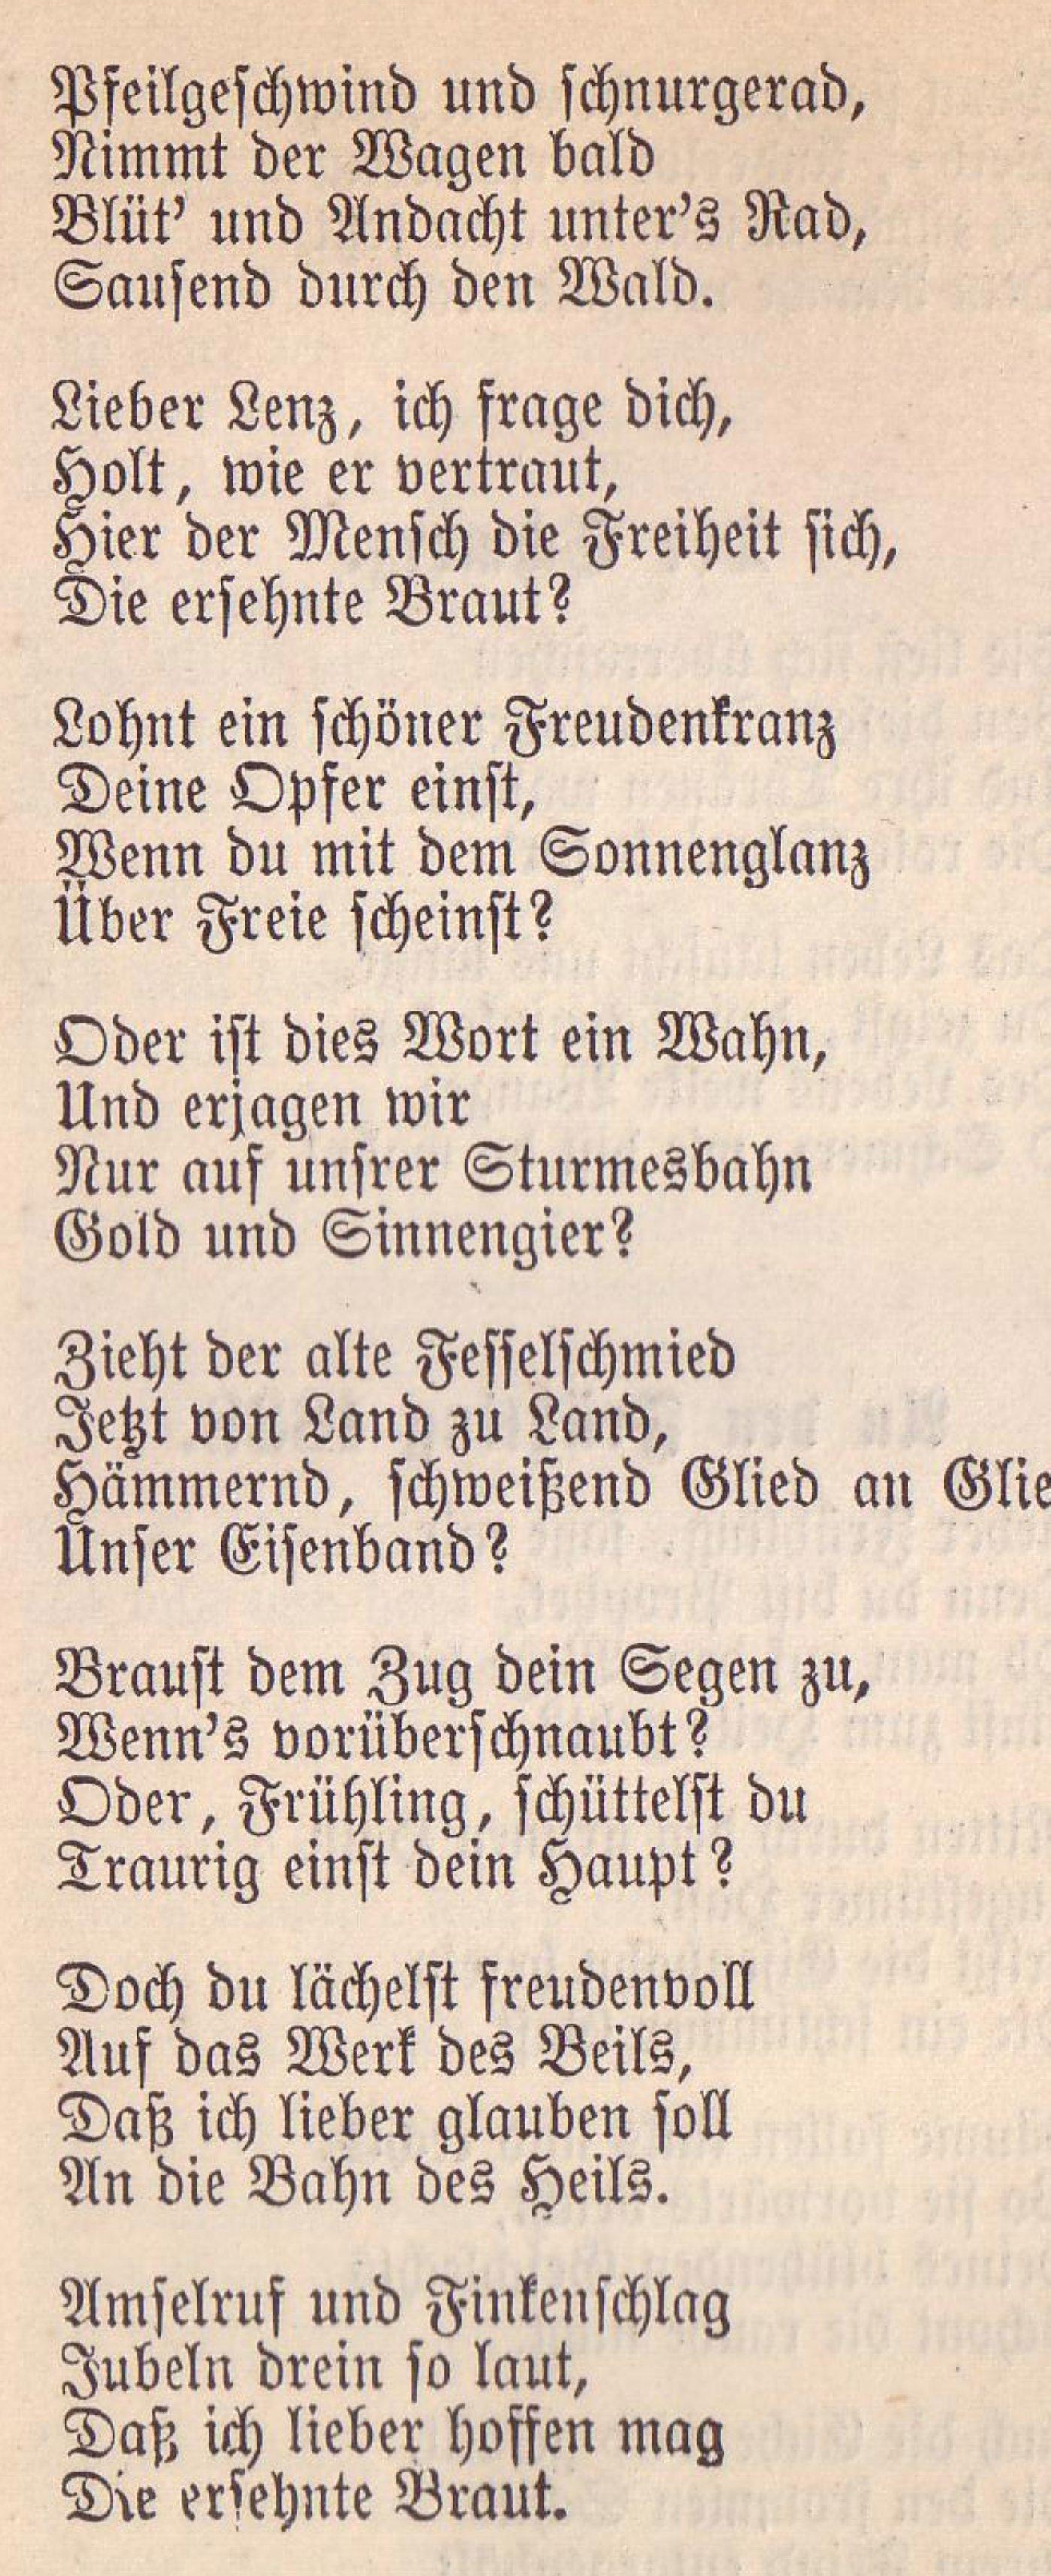 Gedicht von Lenau, in Fraktur